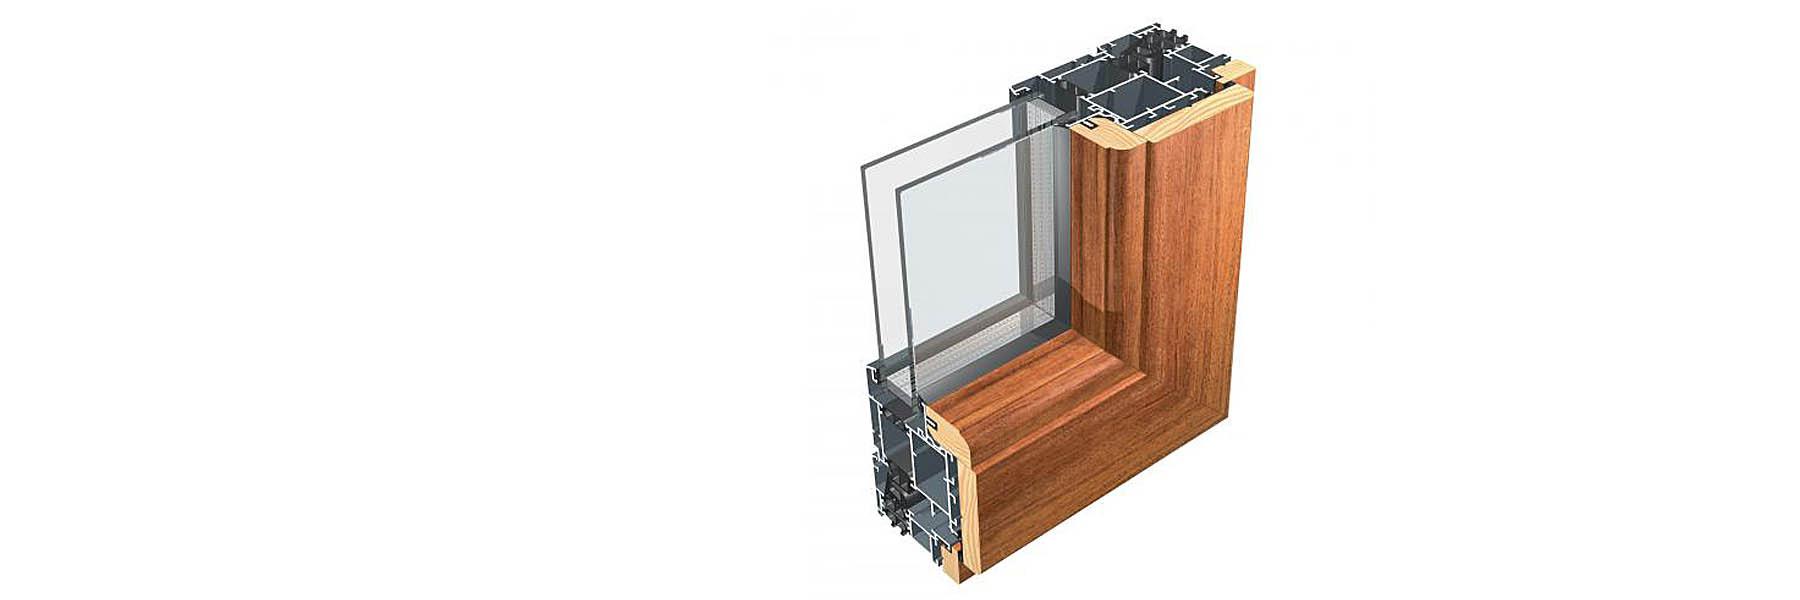 serramenti-battente-alluminio-legno